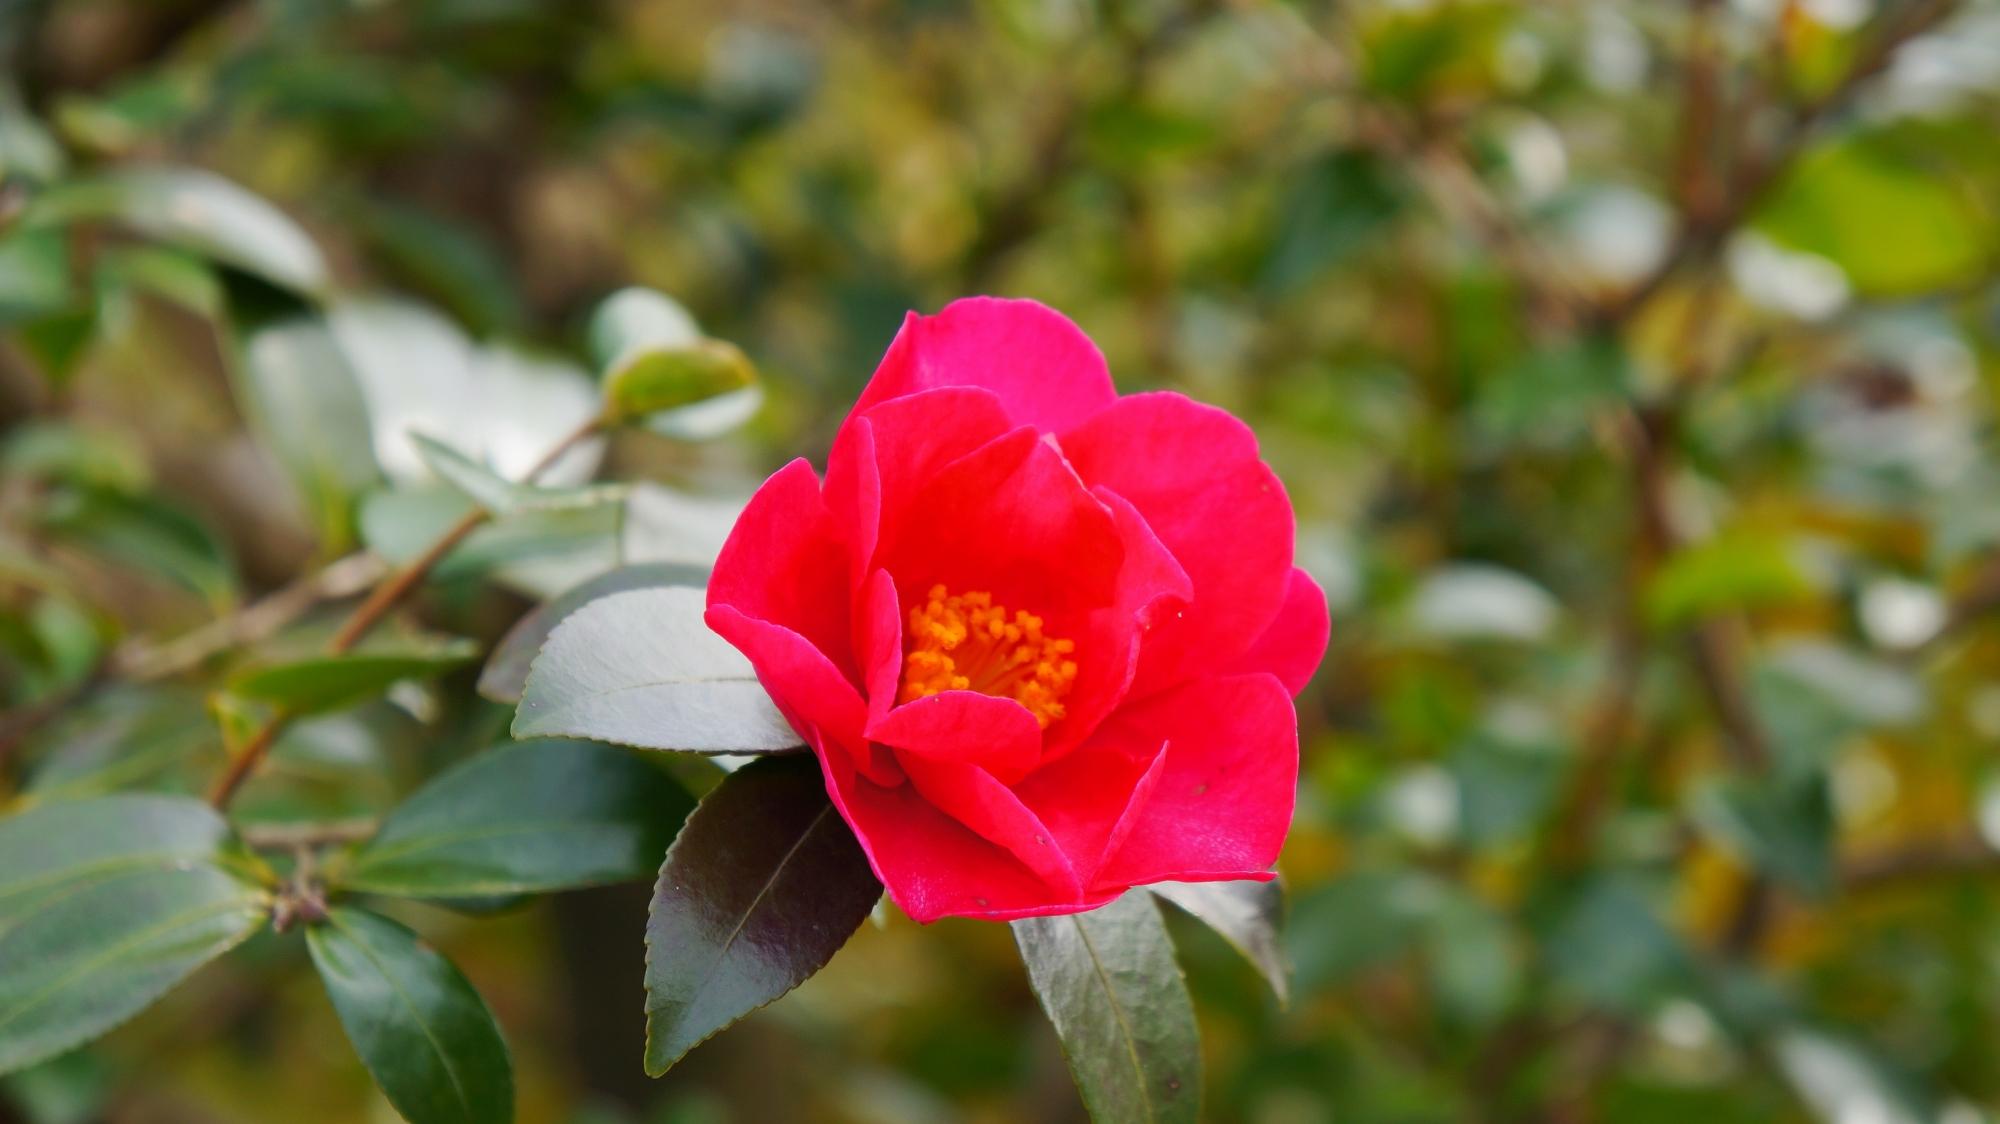 鮮烈な赤さが目を引く天龍寺のツバキ